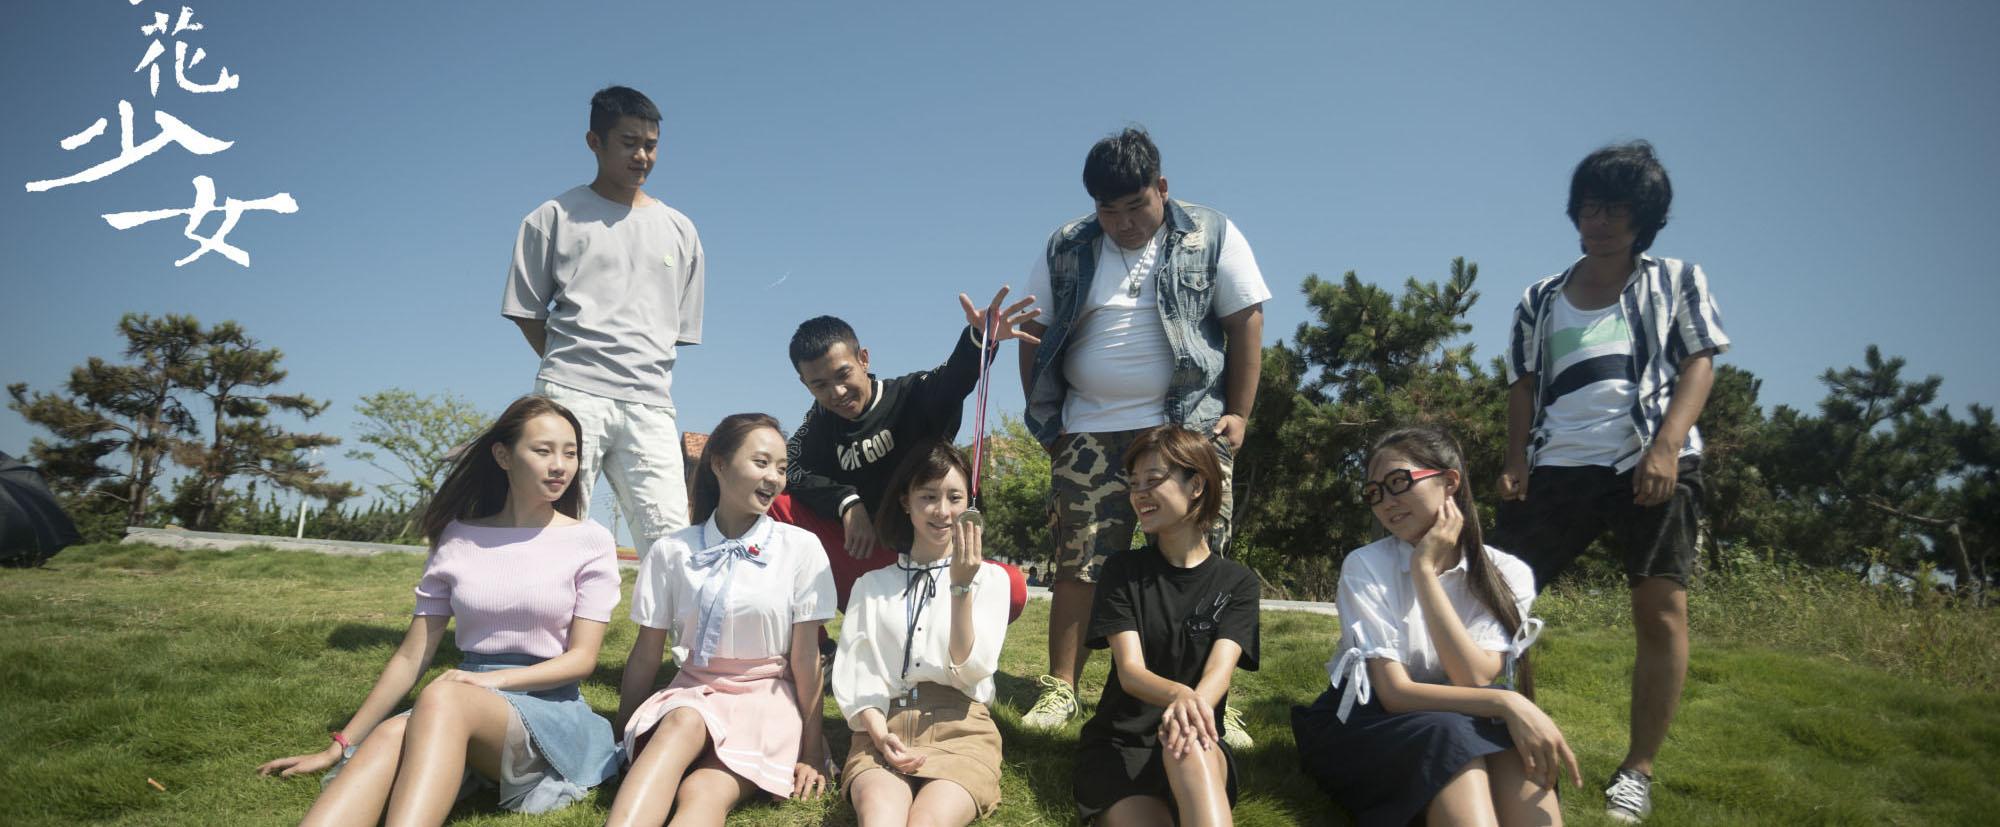 网络电影《浪花少女》正式定档10月23日